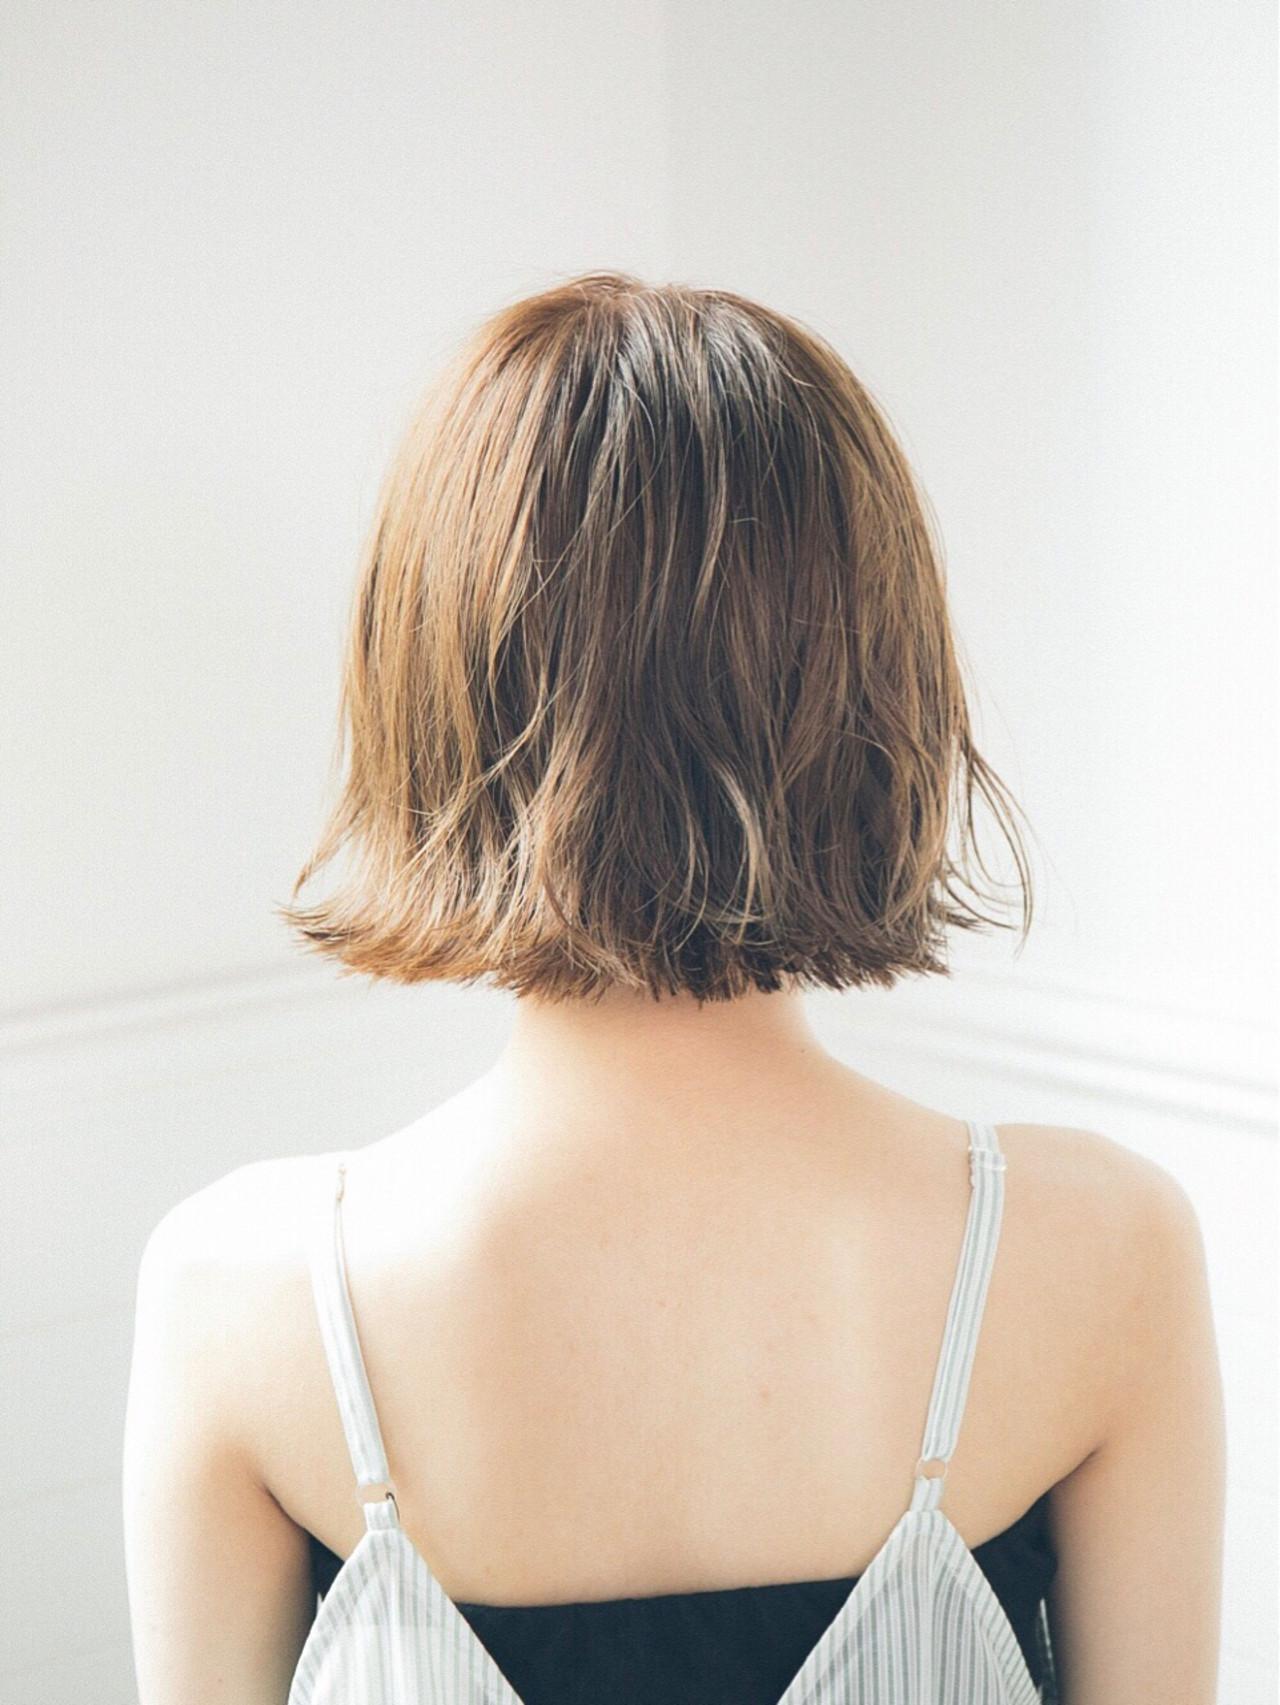 涼しげ ナチュラル 切りっぱなし ヘアアレンジ ヘアスタイルや髪型の写真・画像 | 石津 圭祐 December / December